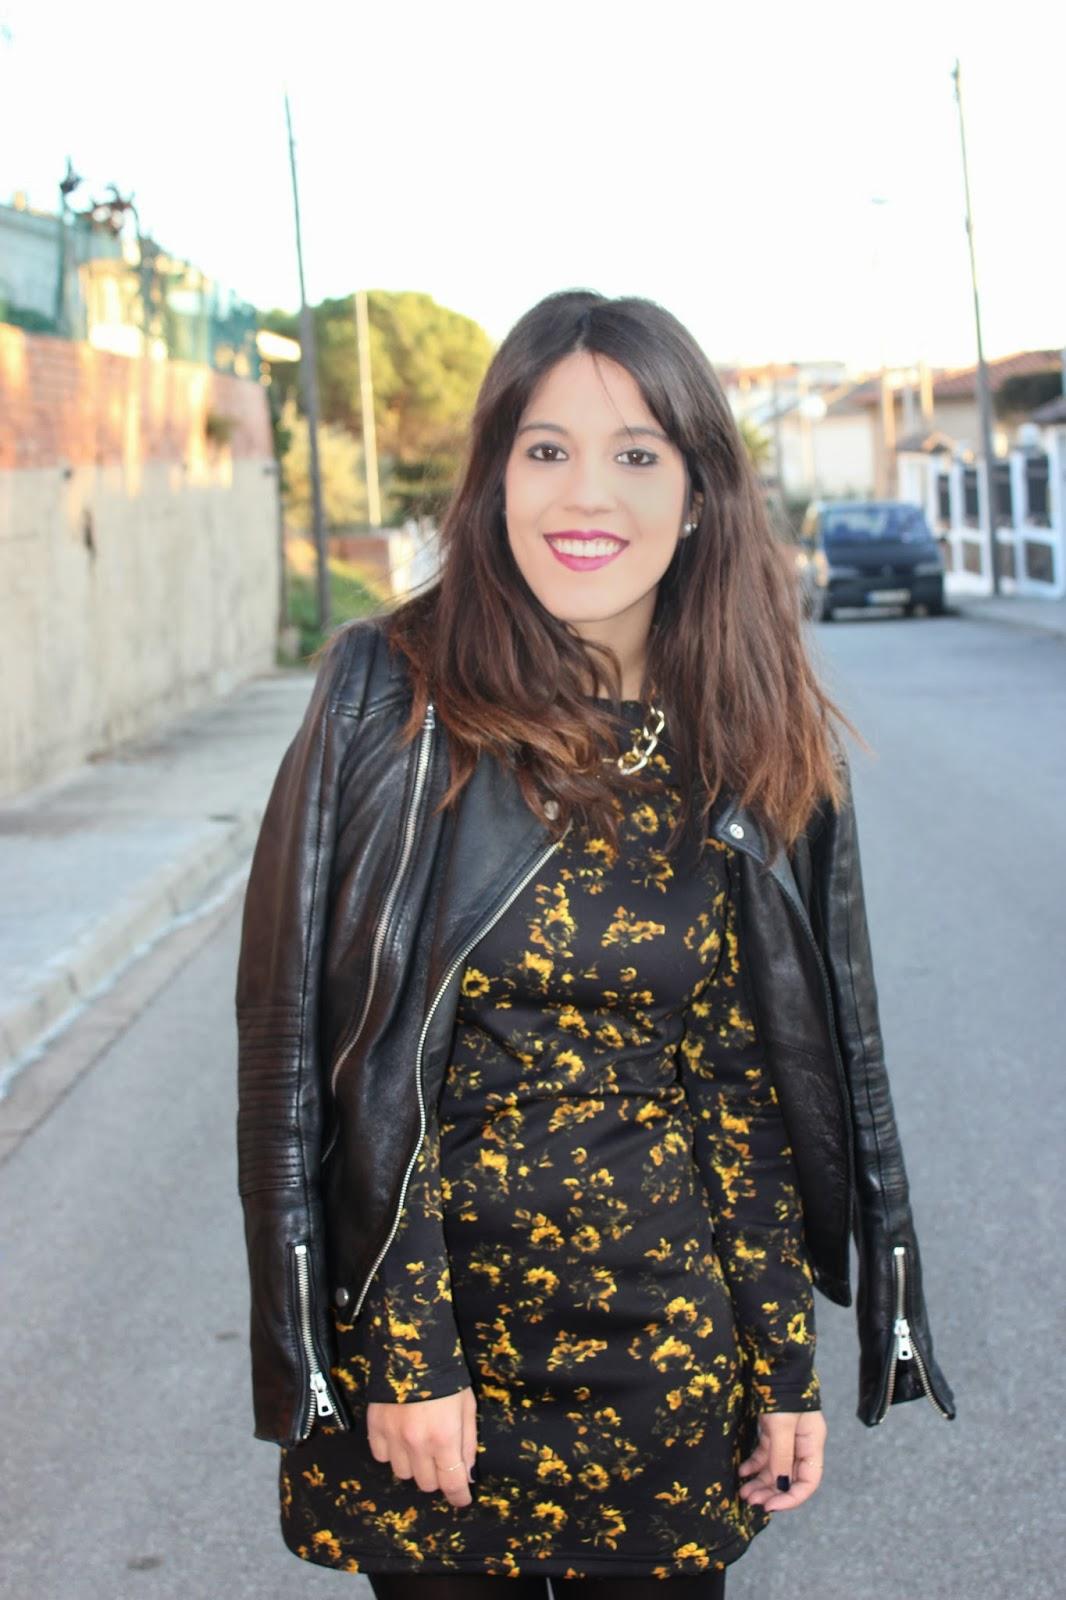 vestido negro con flores amarillas